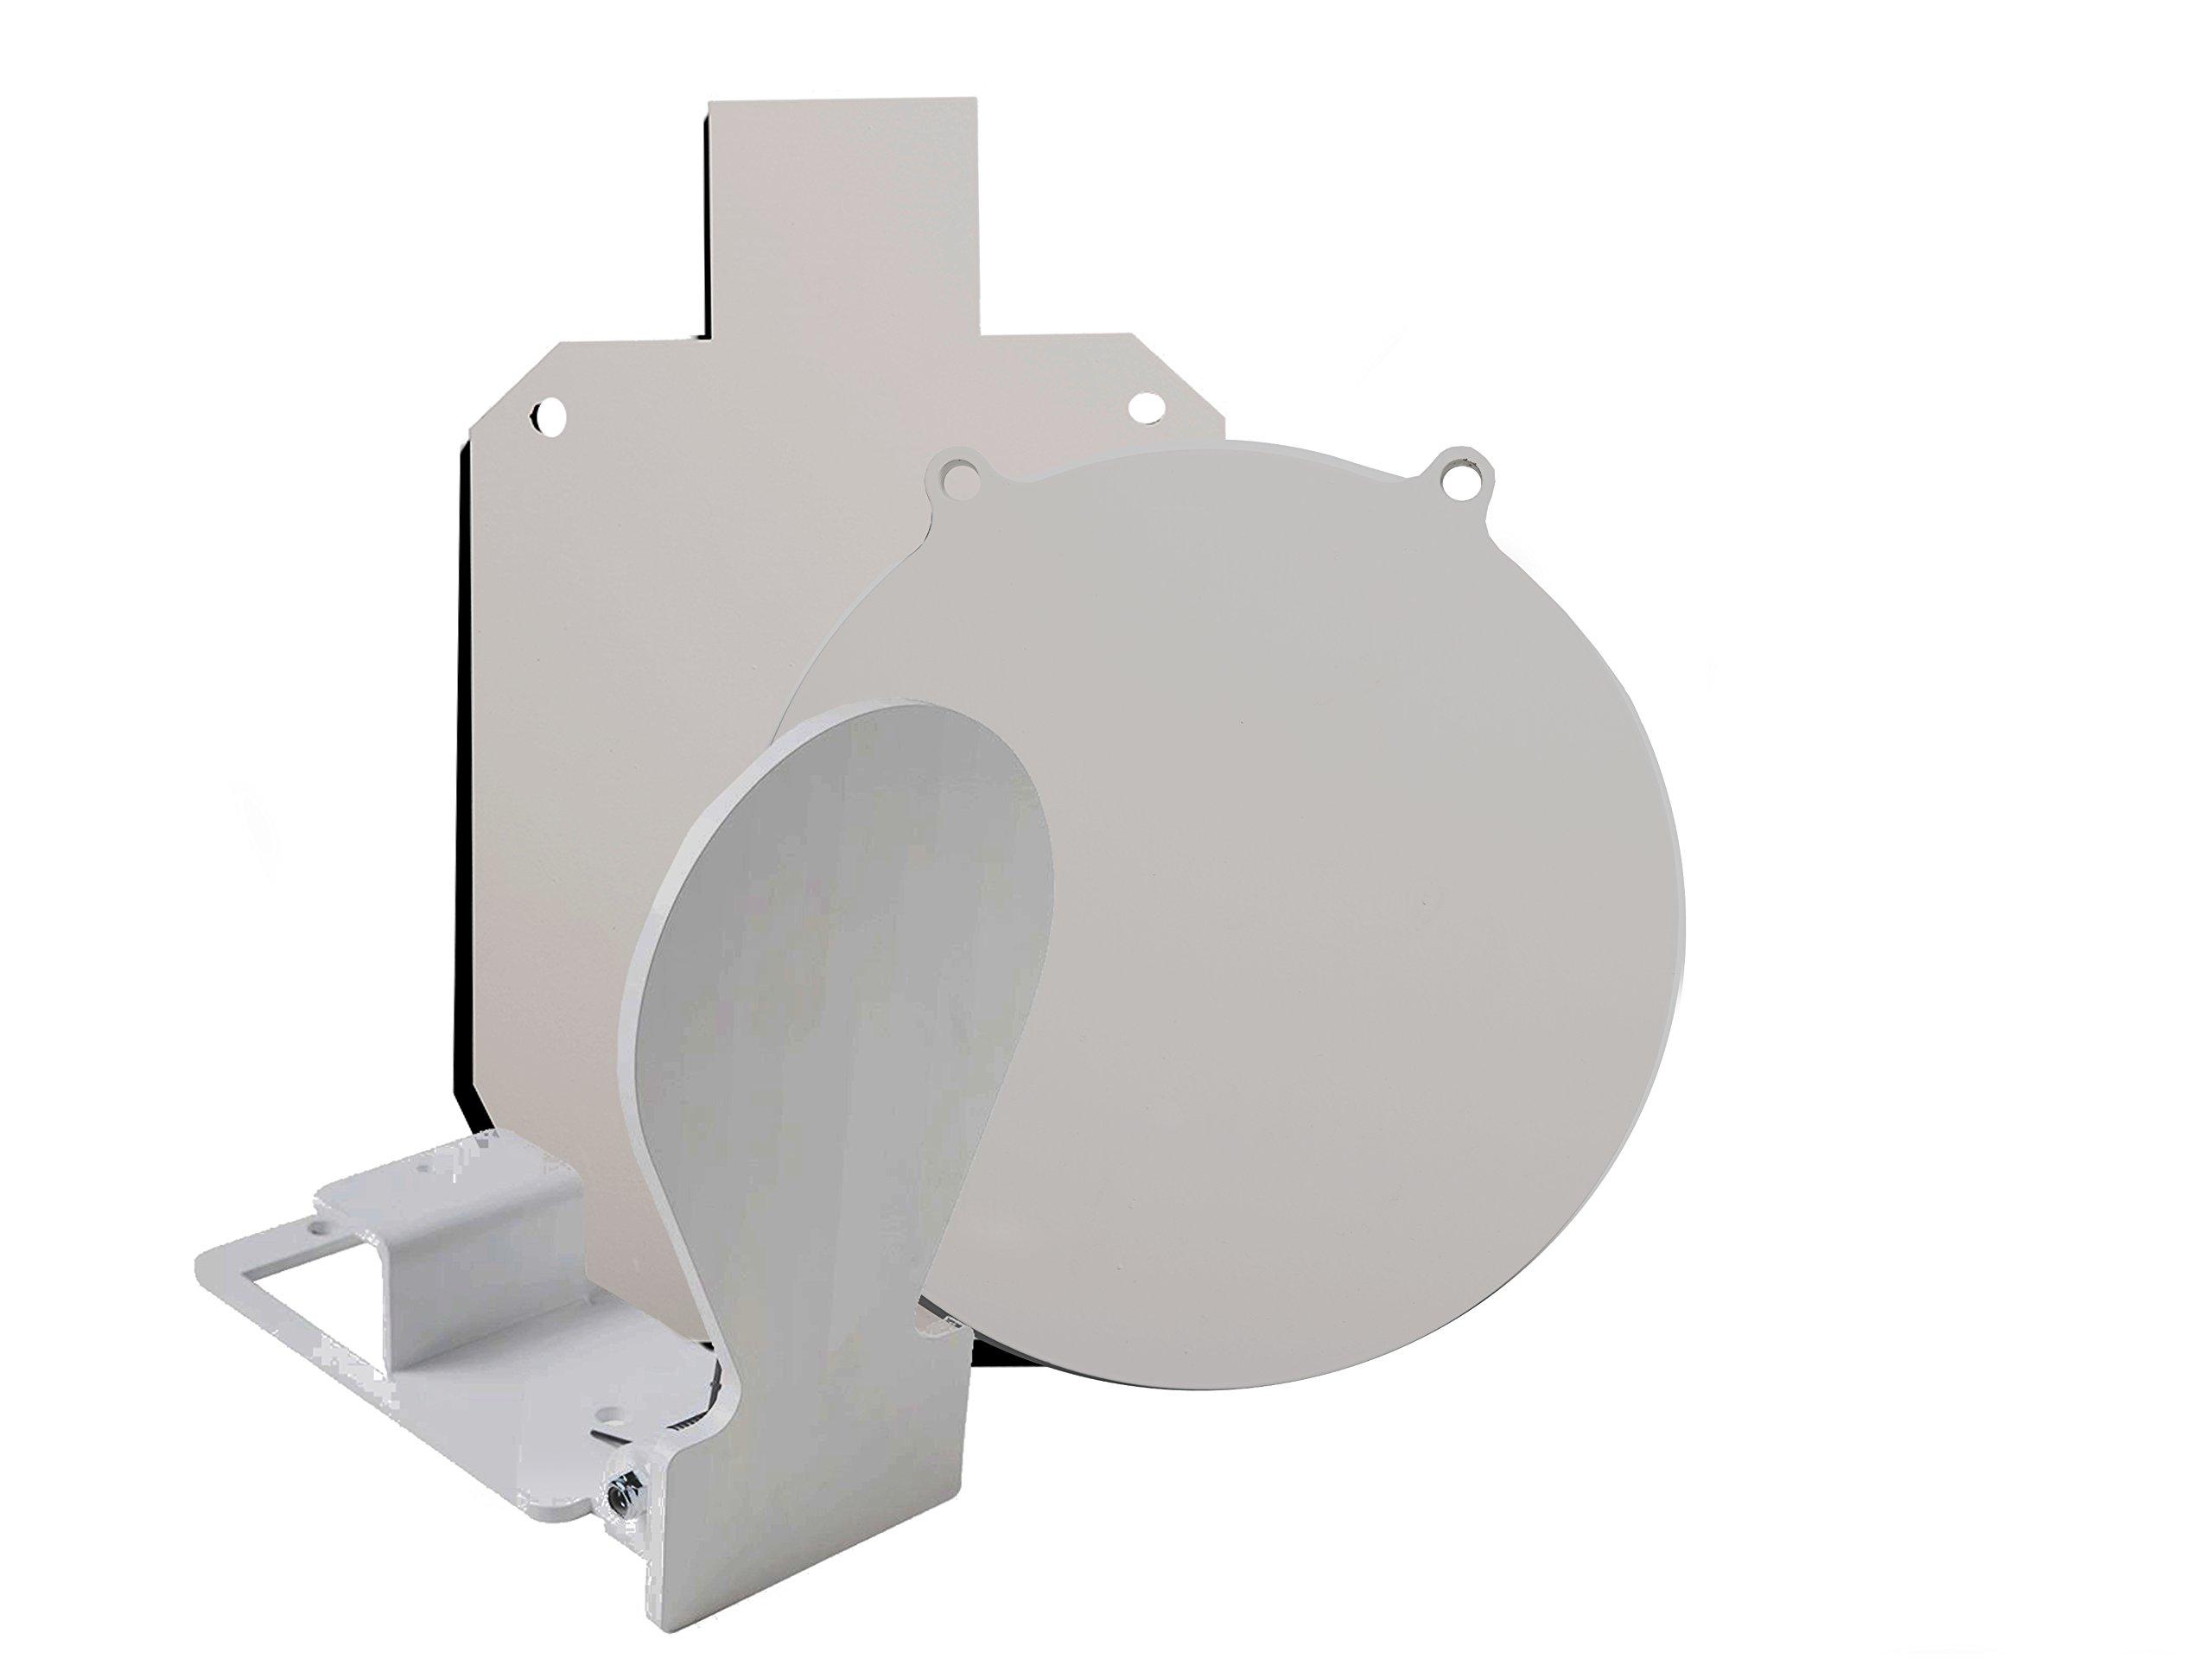 RMP Gong Swing Target Kit - 1 10'' White Gong, 1 15-1/8 X 9-1/4 White Silhouette, 1 Spring Load Target